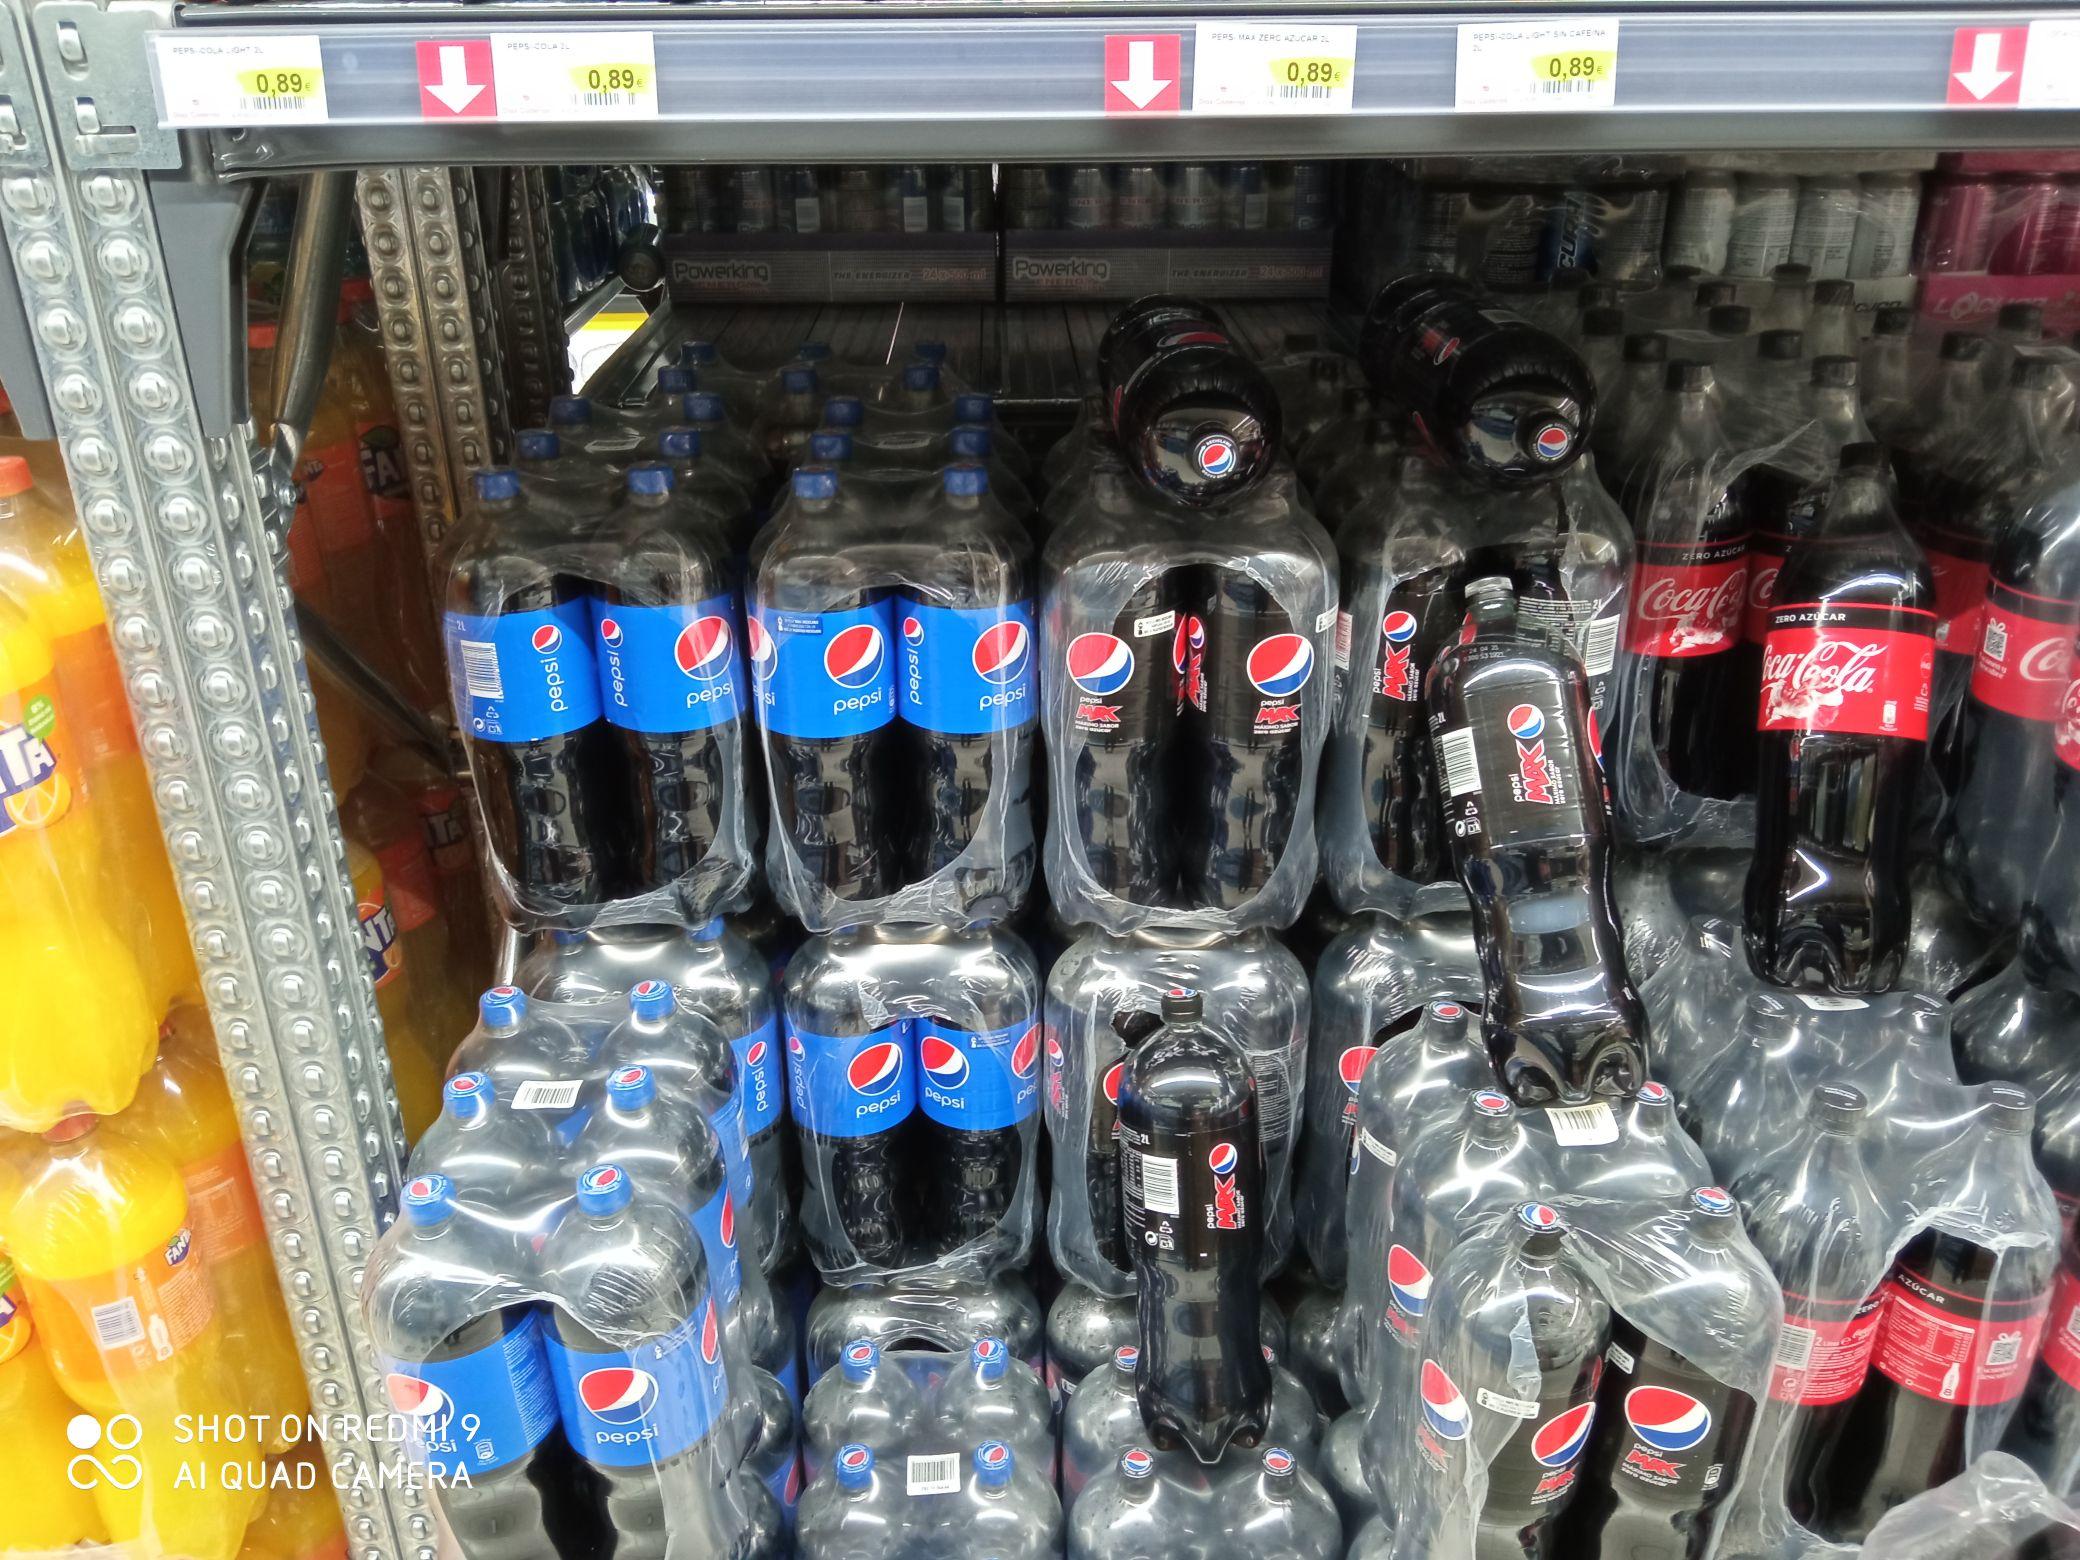 Pepsi o Pepsi Max 2l a 0,89€. Supermercados Díaz Cadenas